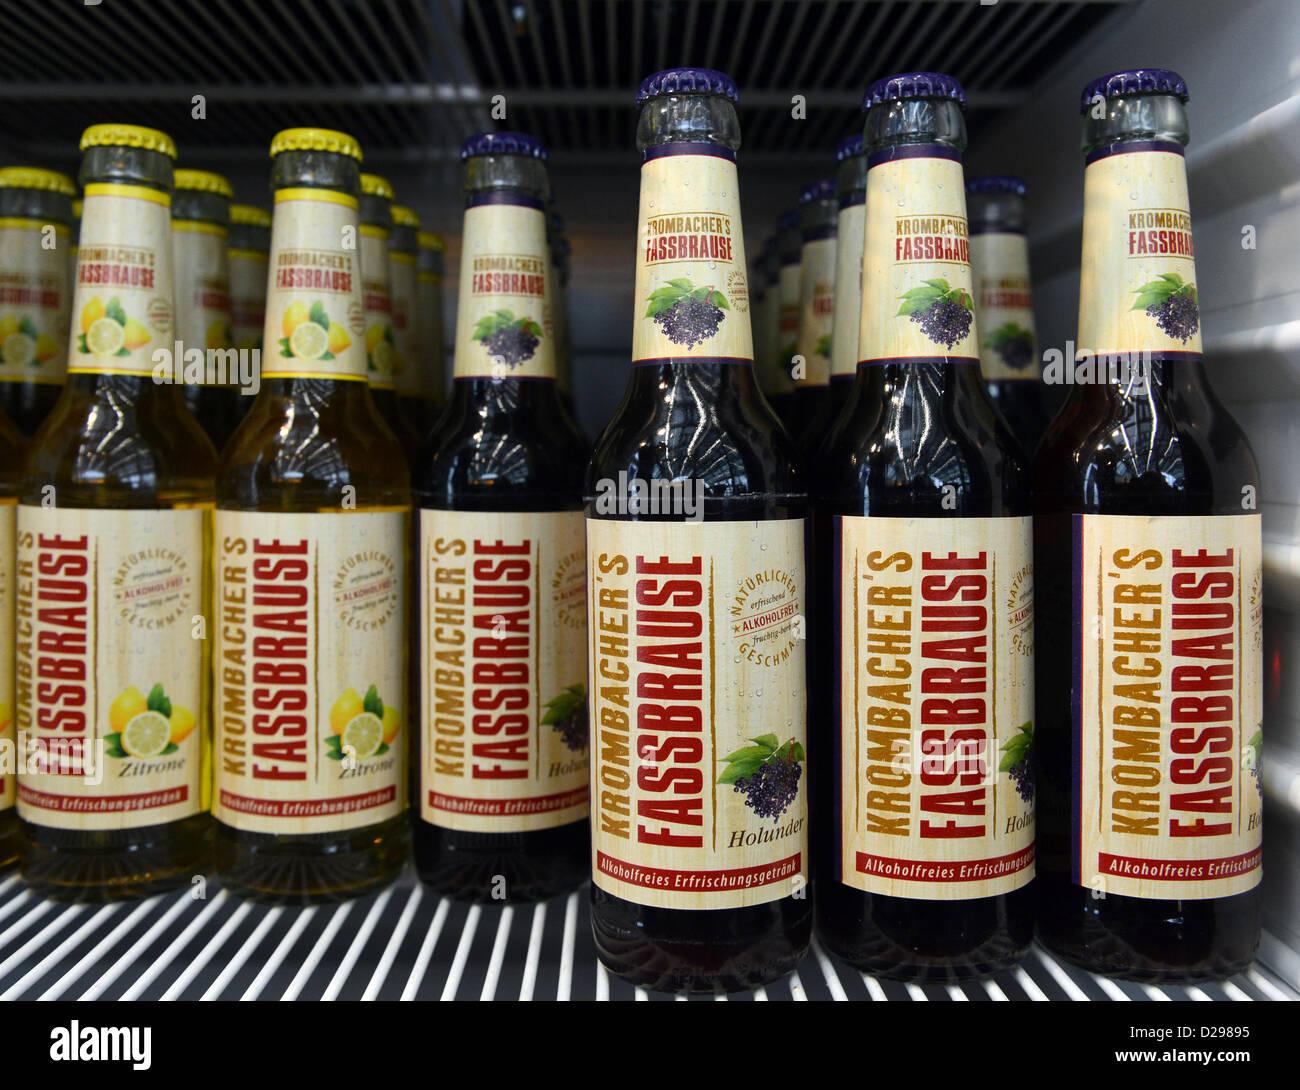 Beer In Fridge Stockfotos & Beer In Fridge Bilder - Alamy